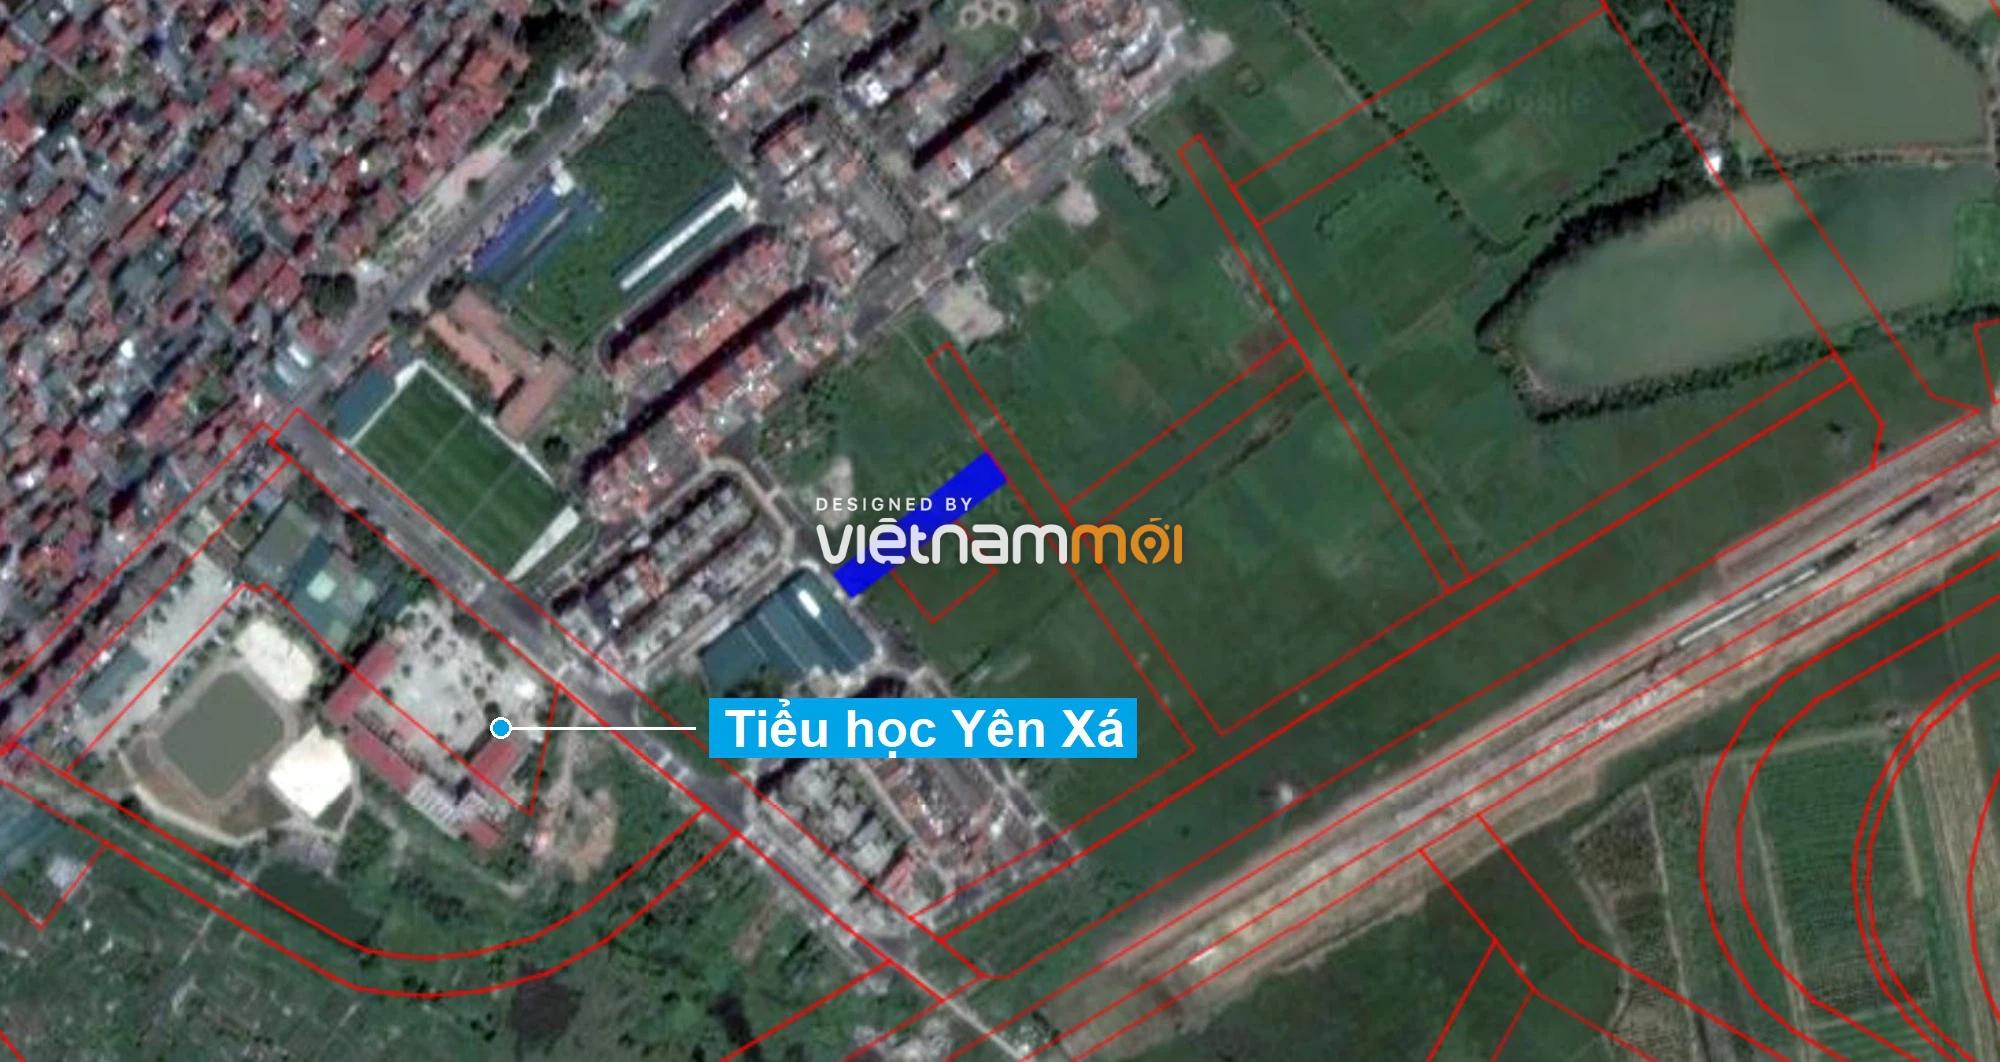 Những khu đất sắp thu hồi để mở đường ở xã Tân Triều, Thanh Trì, Hà Nội (phần 4) - Ảnh 17.